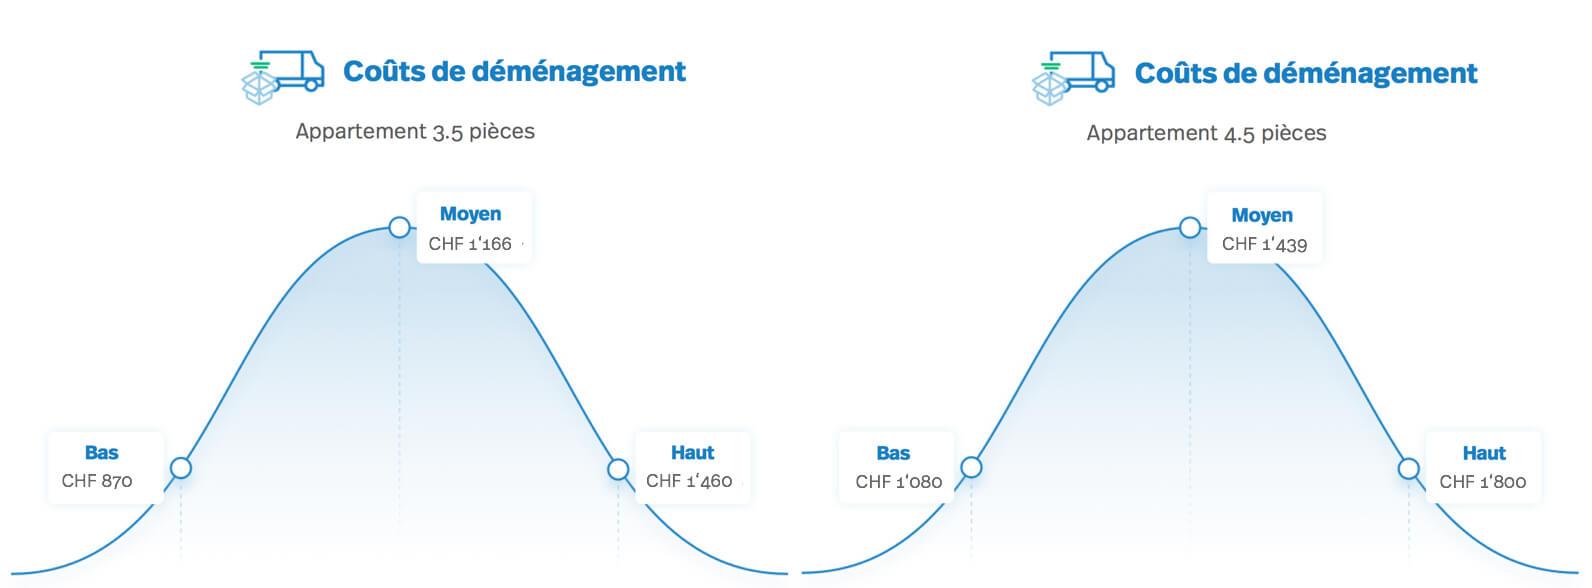 Diagramme: coûts de déménagement: appartement 3.5 à 4.5 pièces